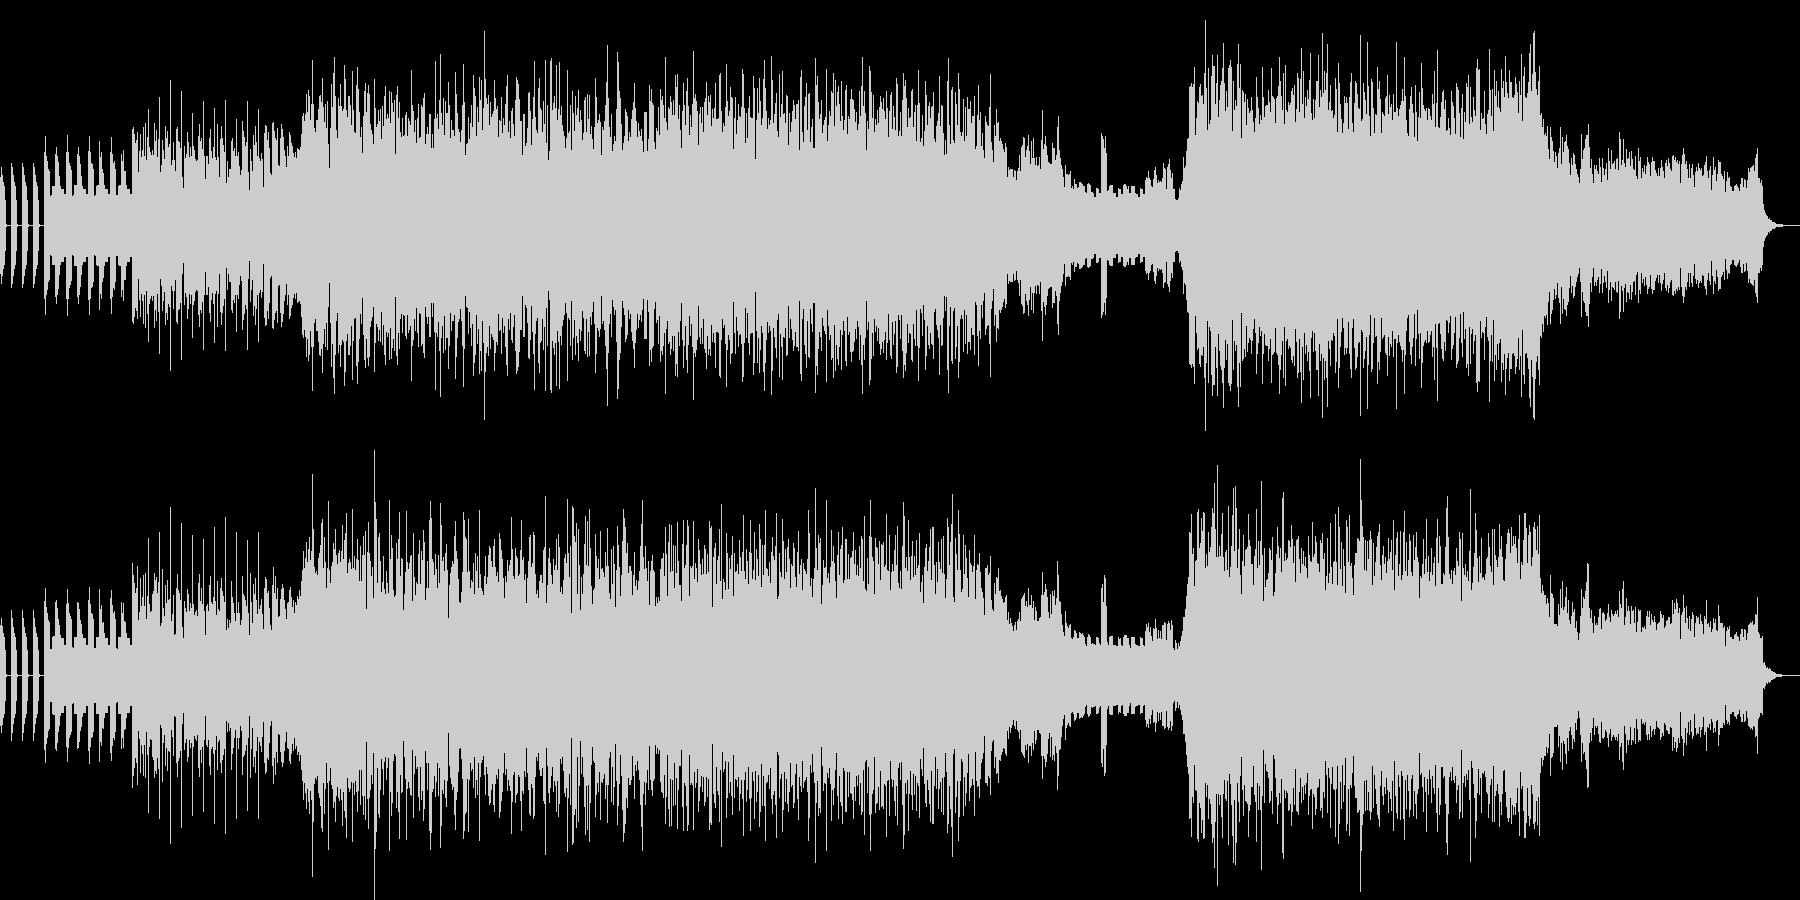 謎の変異体Xとの戦いを表現した曲の未再生の波形